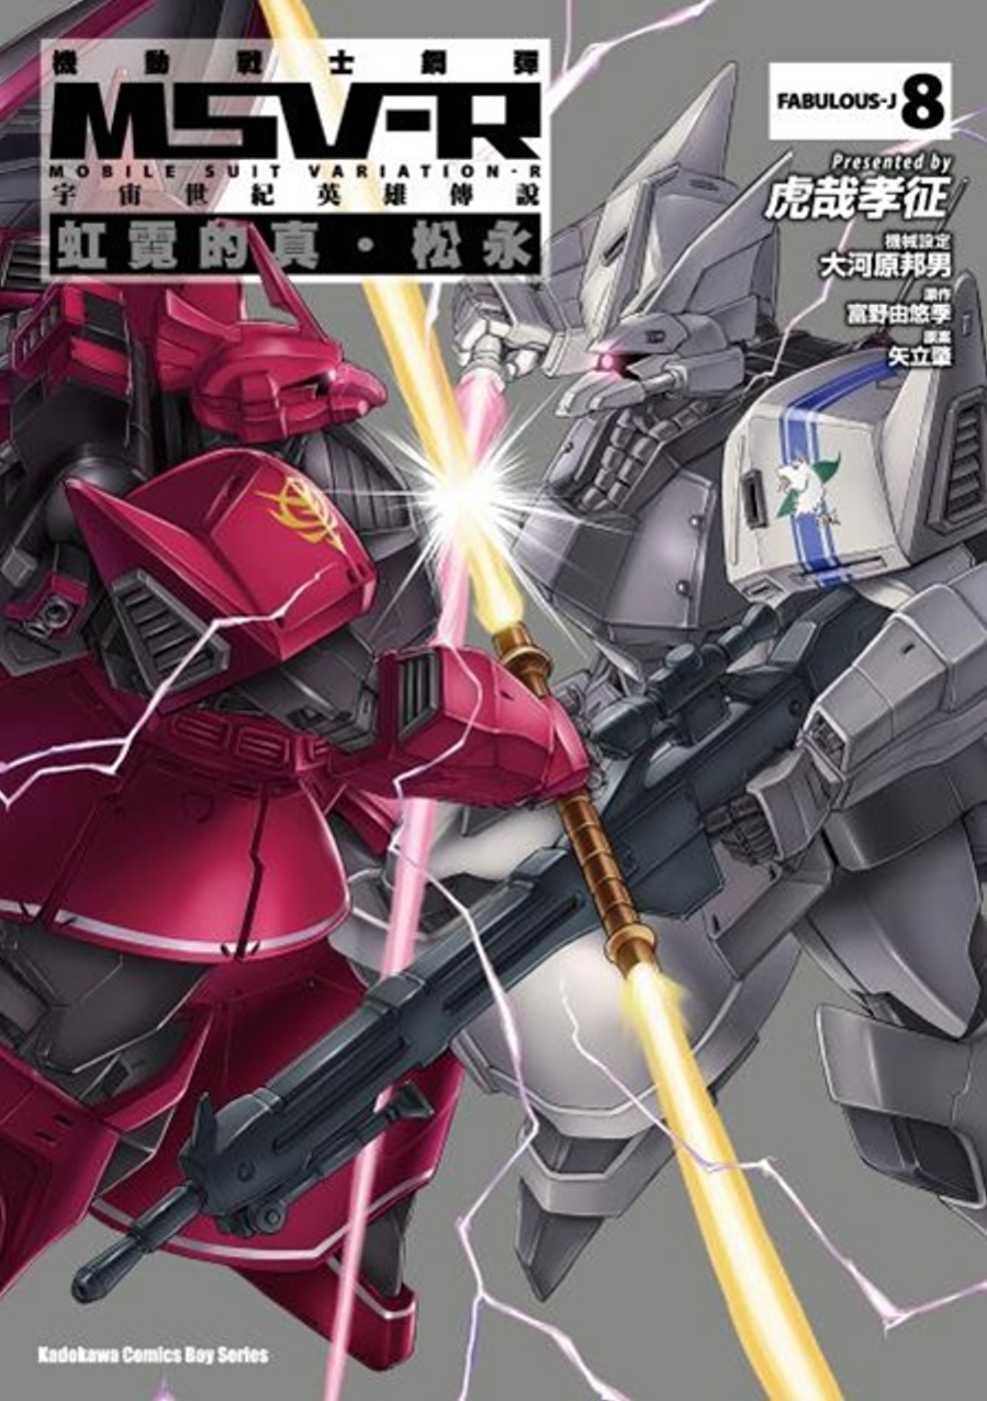 機動戰士鋼彈 MSV-R 宇宙世紀英雄傳說 虹霓的真‧松永 08